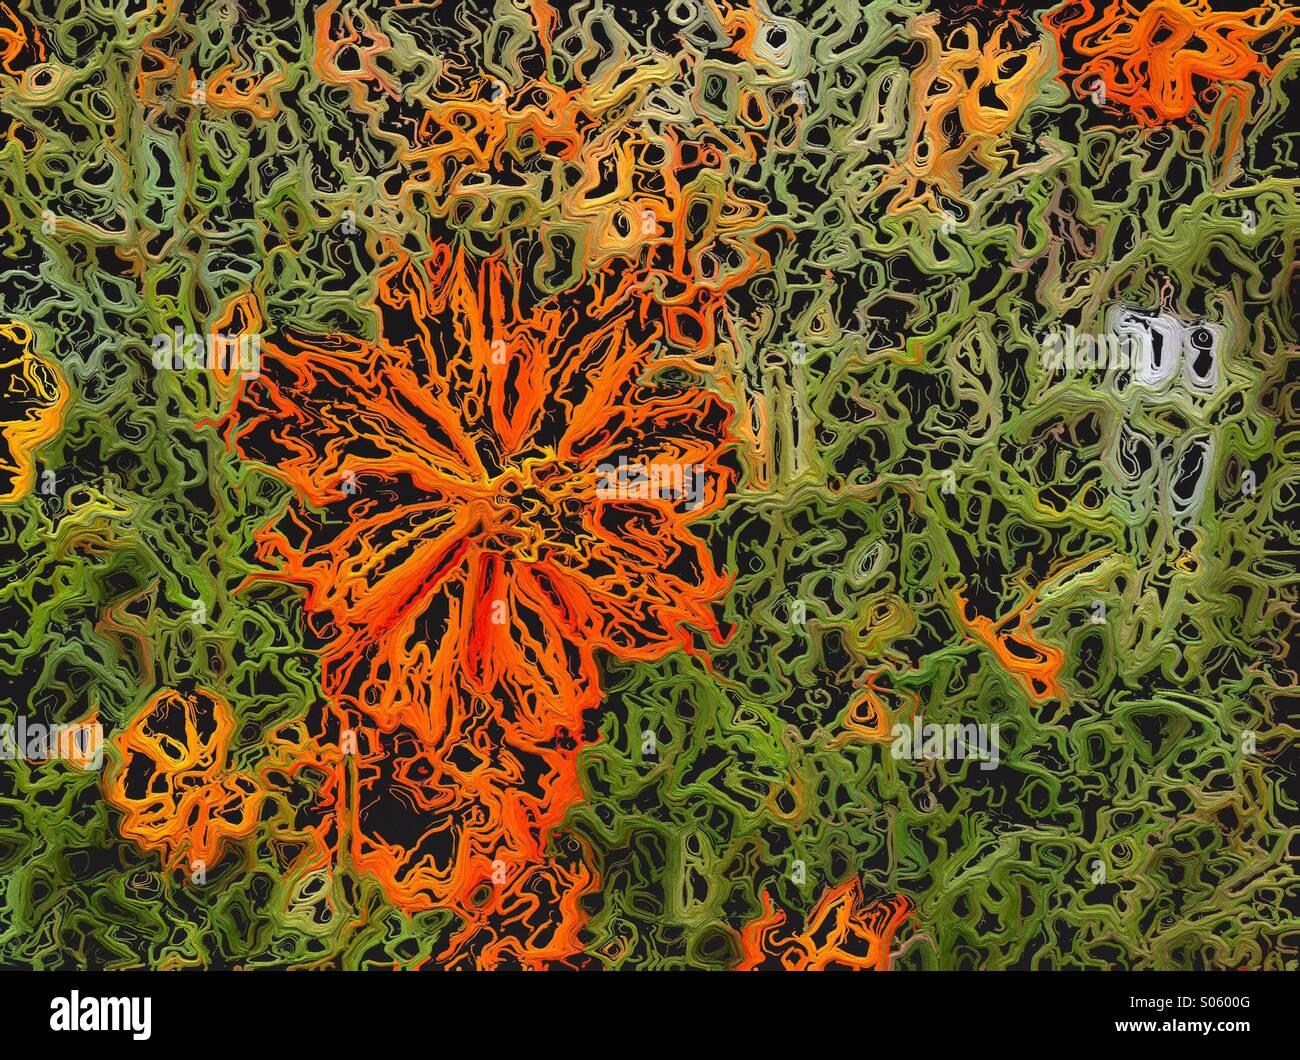 Abstract String art orange flower design. - Stock Image